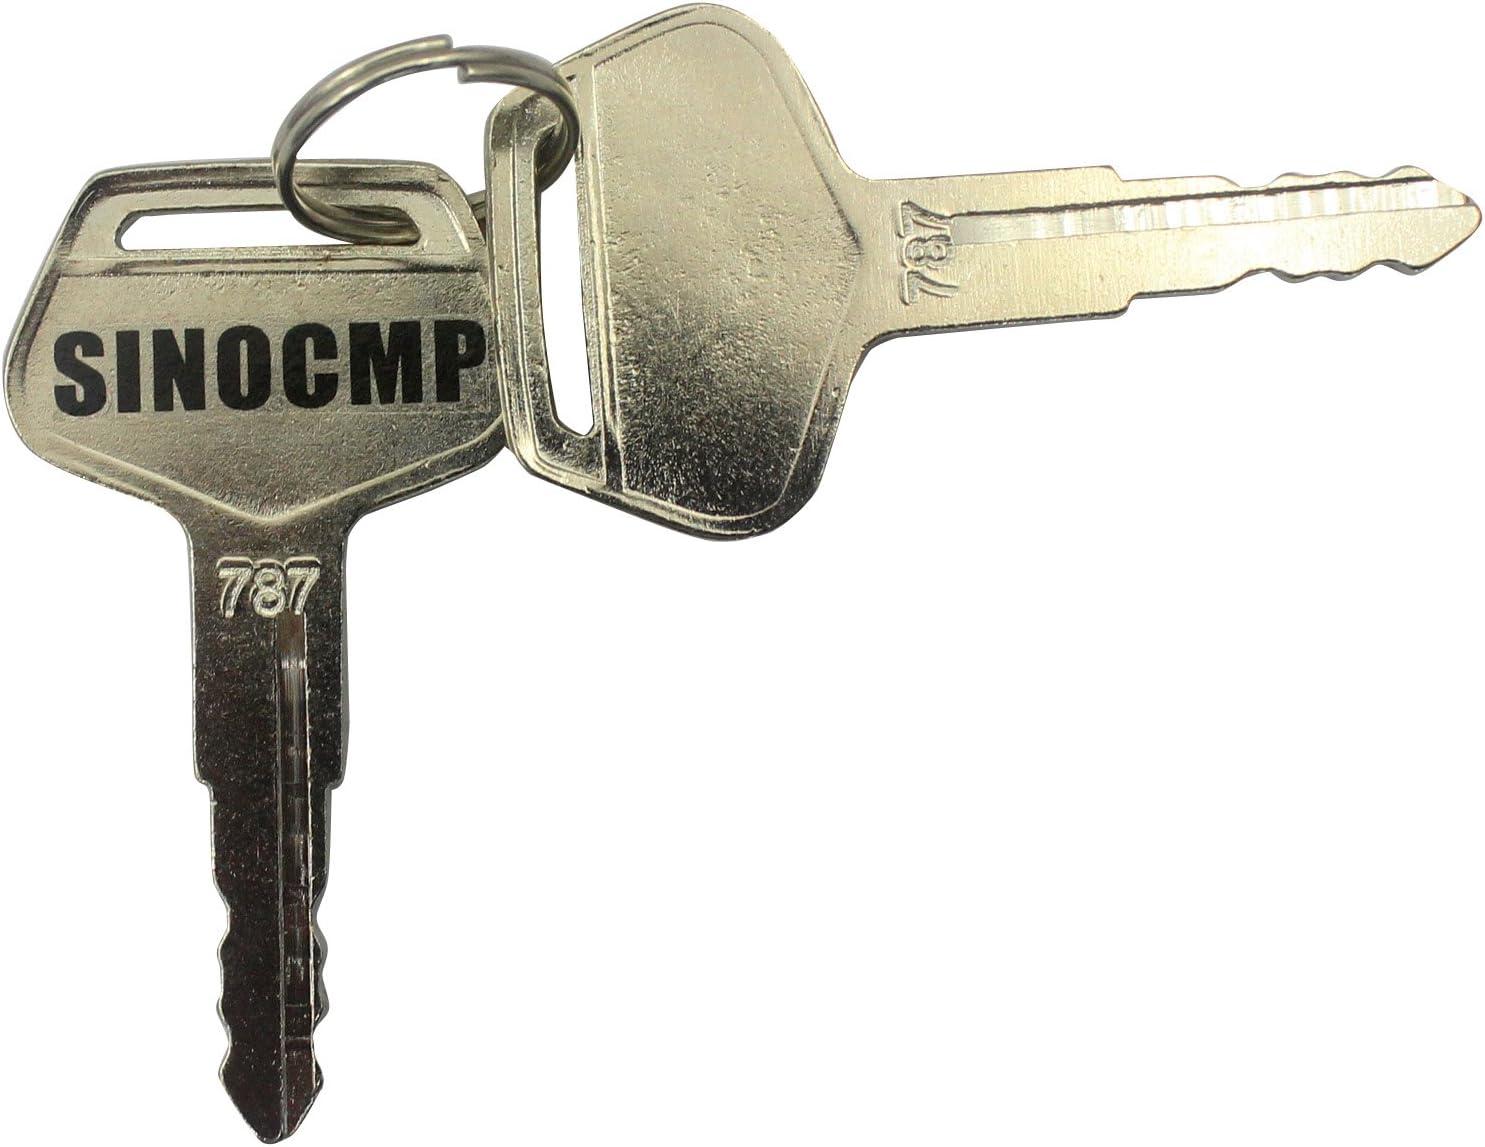 sinocmp excavadora 787clave para Komatsu excavadora llave, 2llaves, 3años de garantía